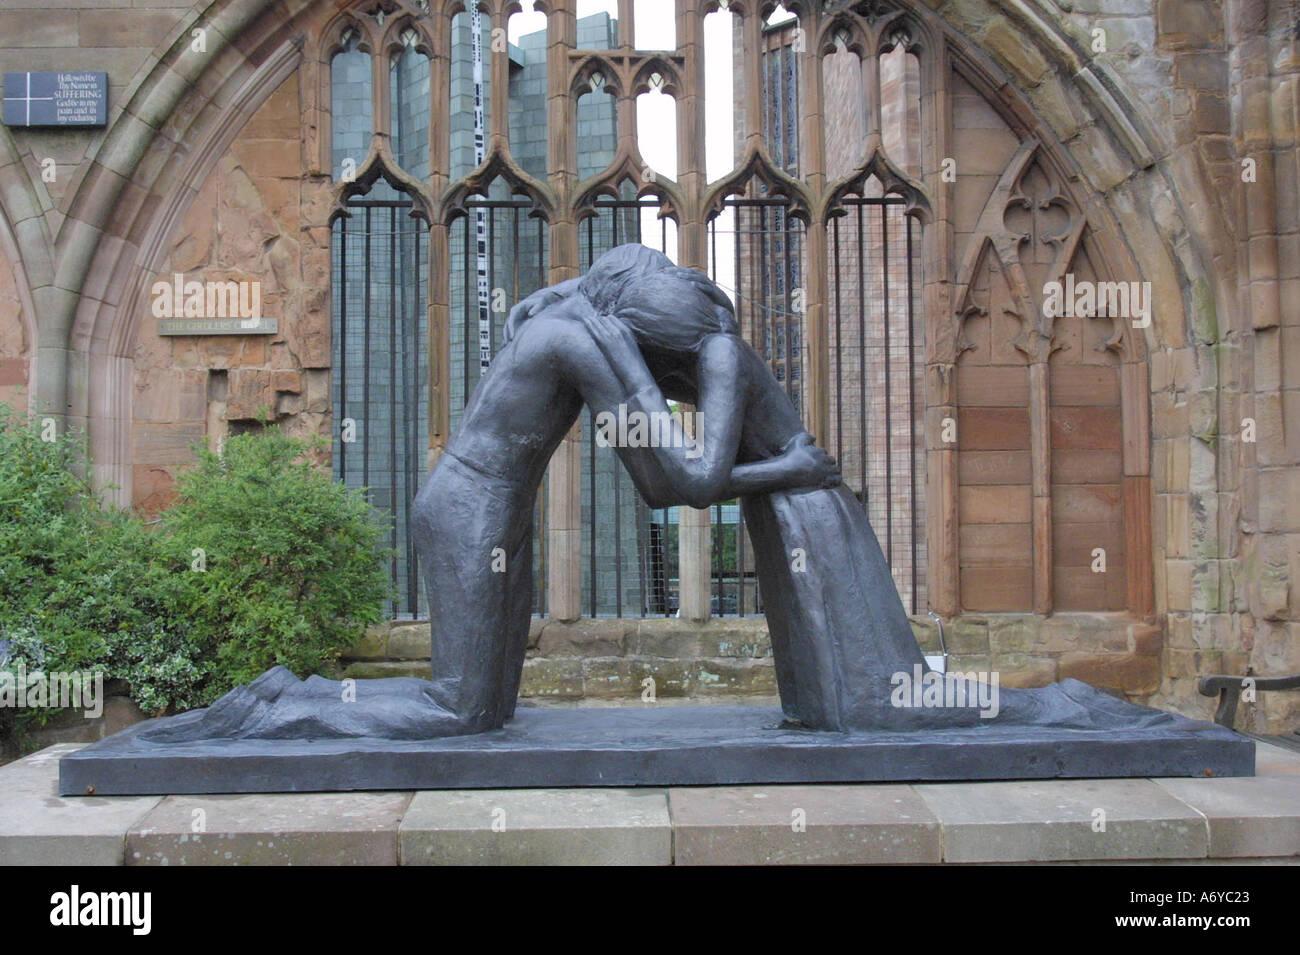 Eine Statue mit dem Titel Versöhnung durch Scuptress Josephina de Vasconcellos befindet sich in den Ruinen der Kathedrale von Coventry Stockbild